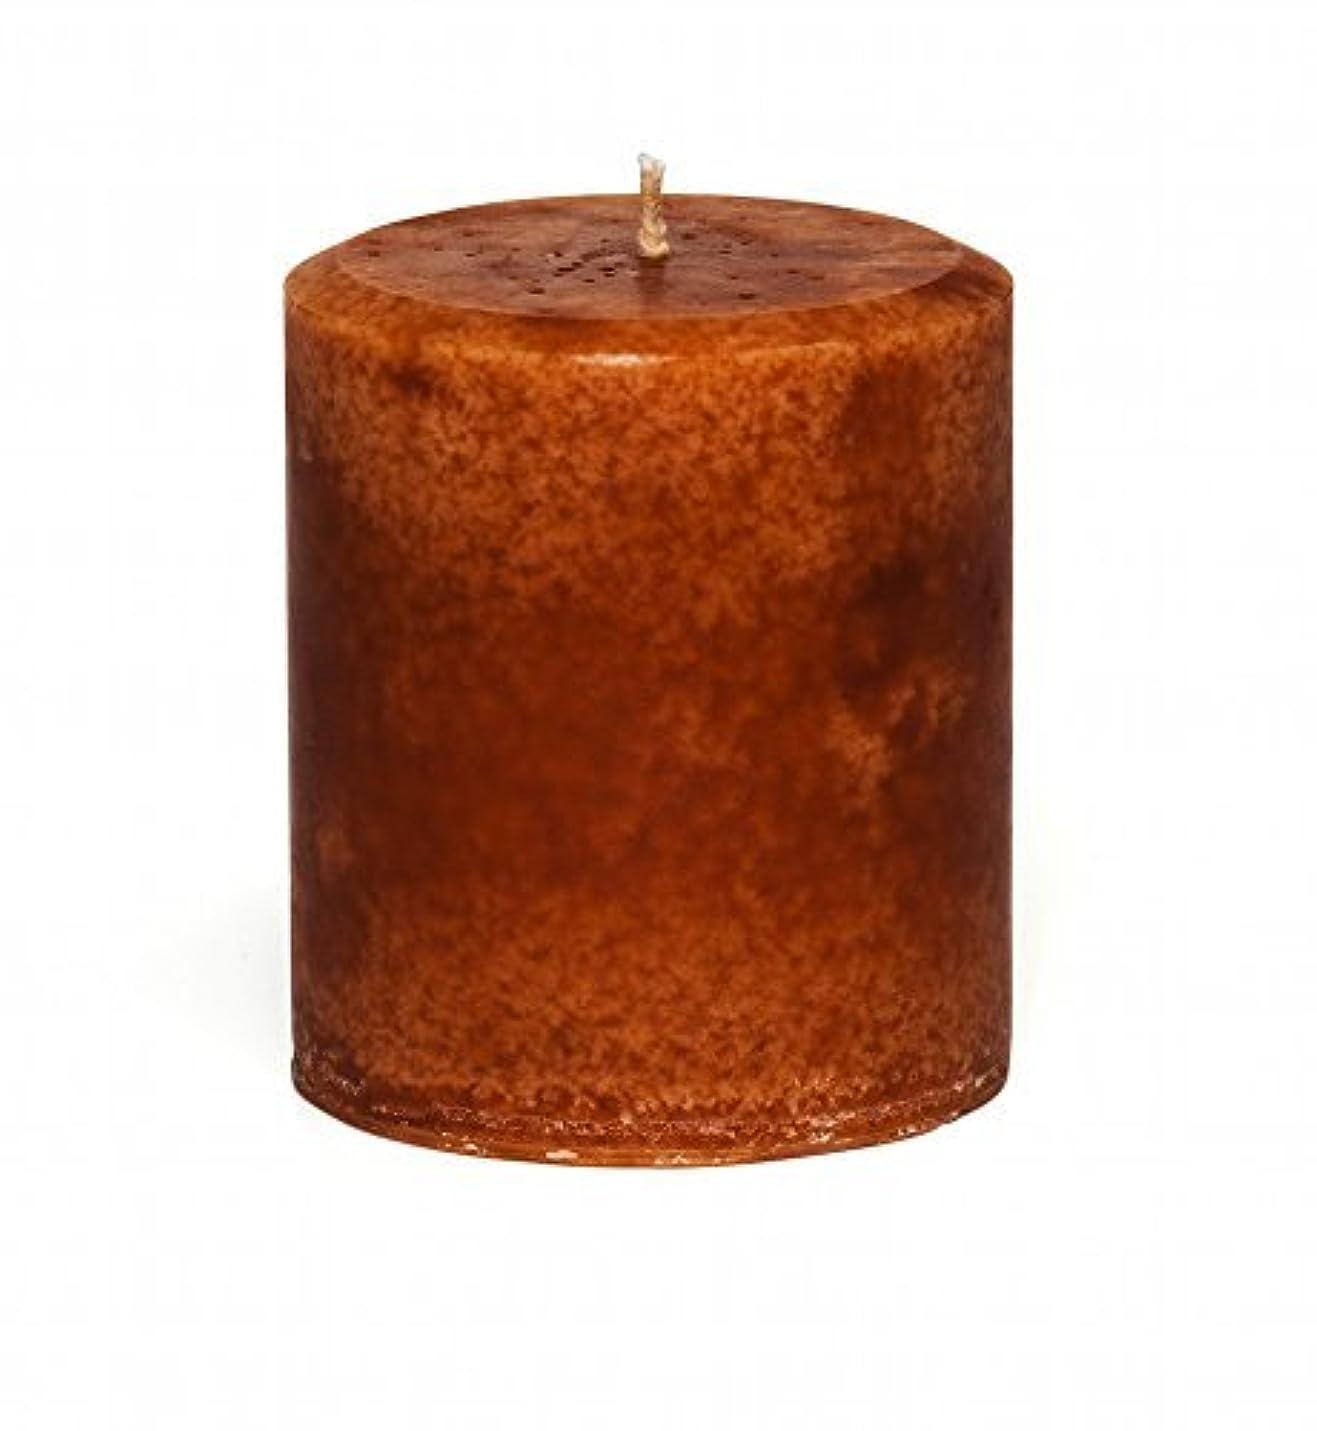 簡単なポジションモザイクJensanシナモンオレンジ香りつき装飾Pillar Candle、ハンドメイド – 装飾 – 強力な香り